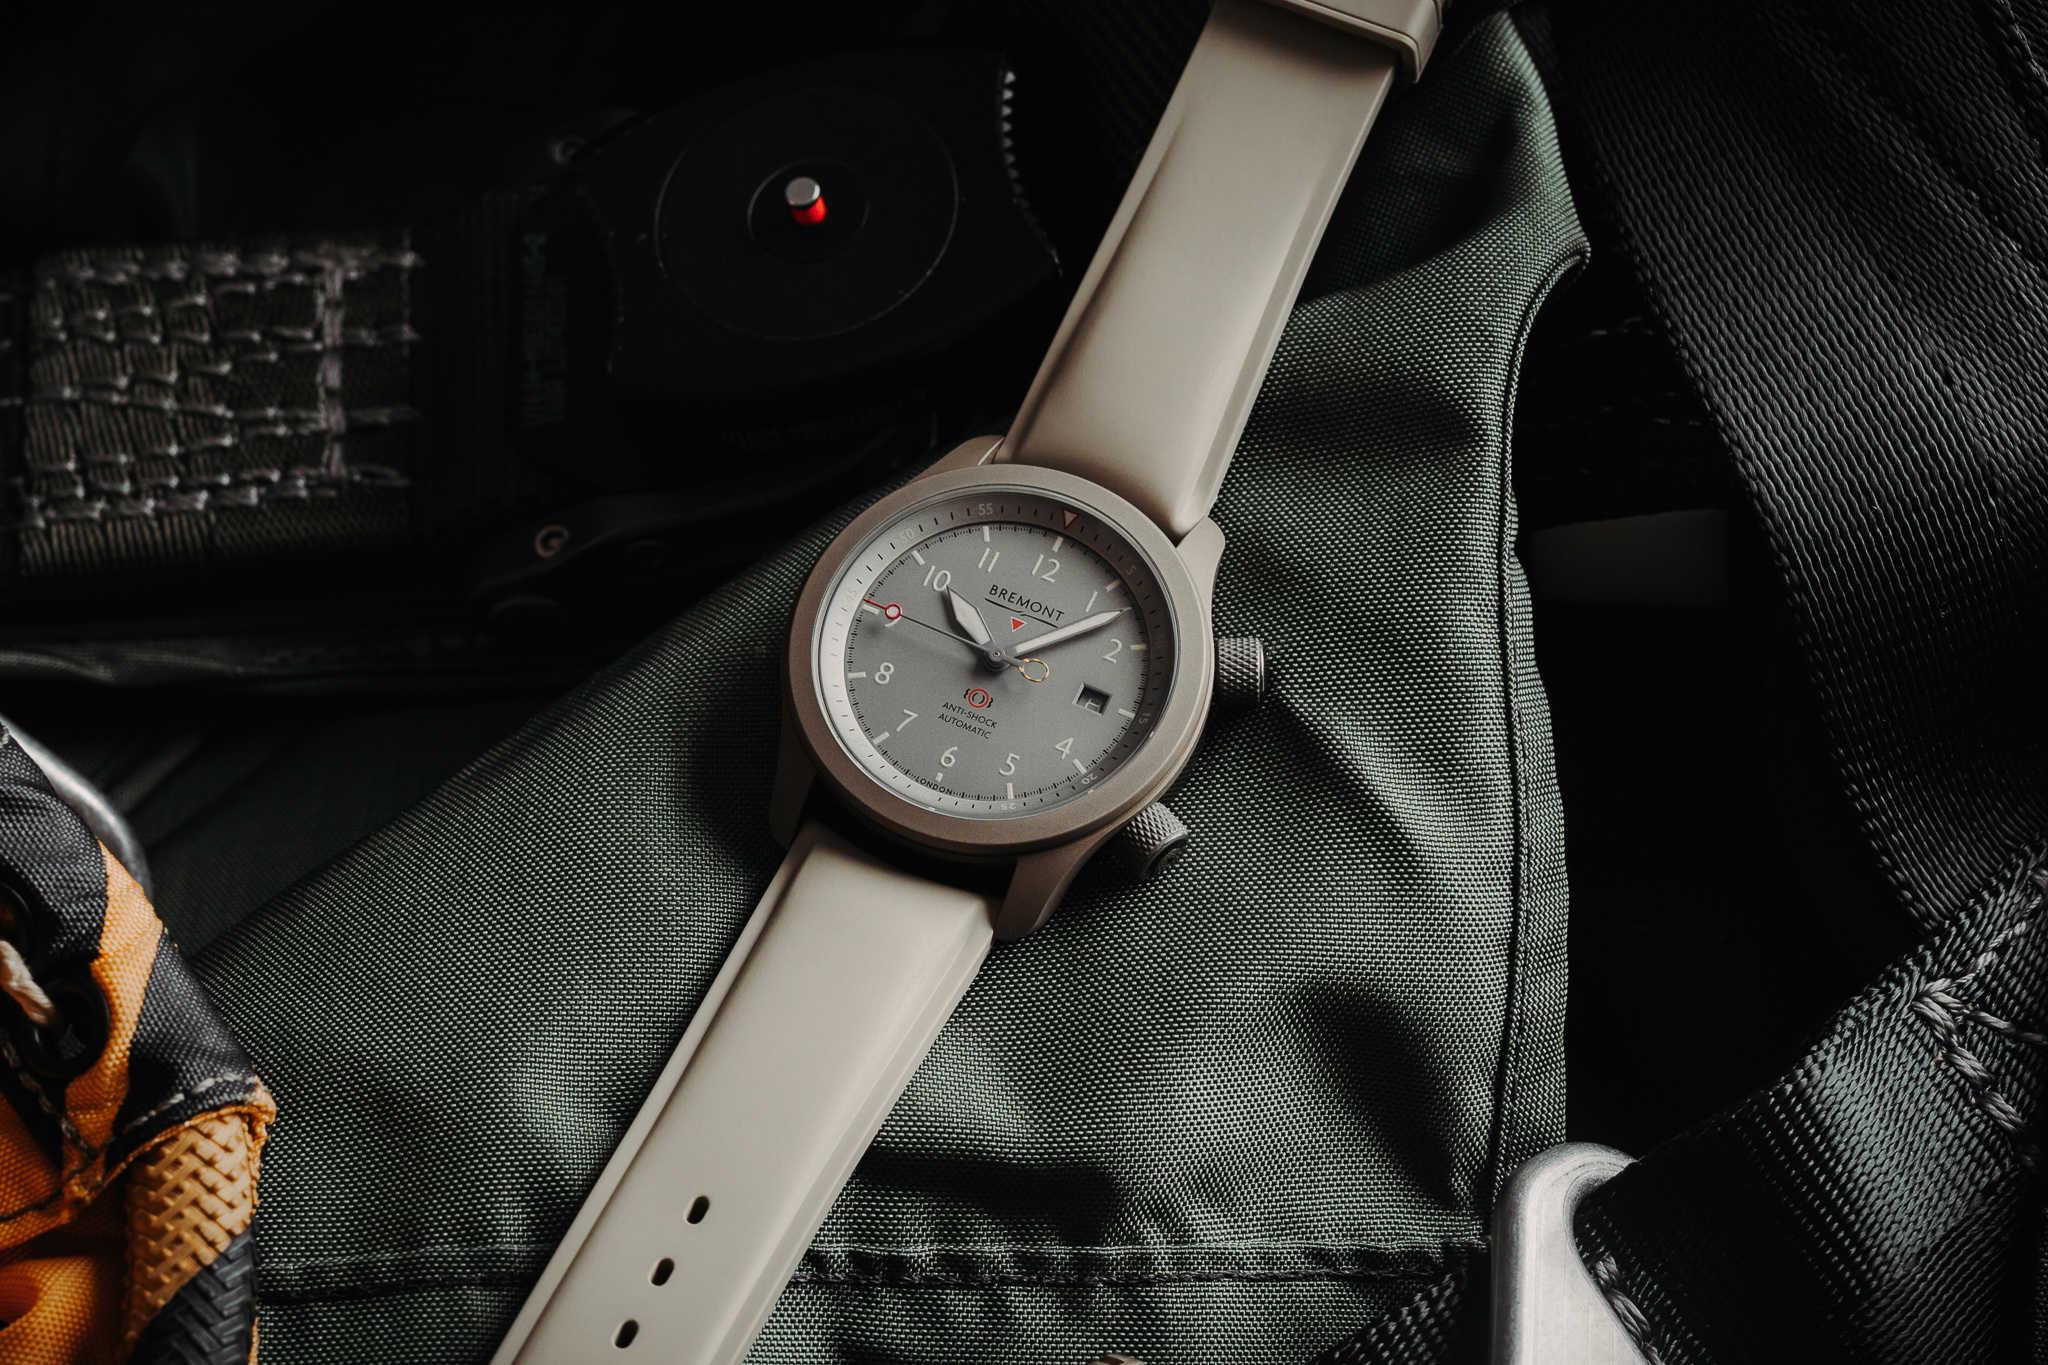 Bremont представляет новые часы MBII Savanna Pilot Watch в титановом корпусе